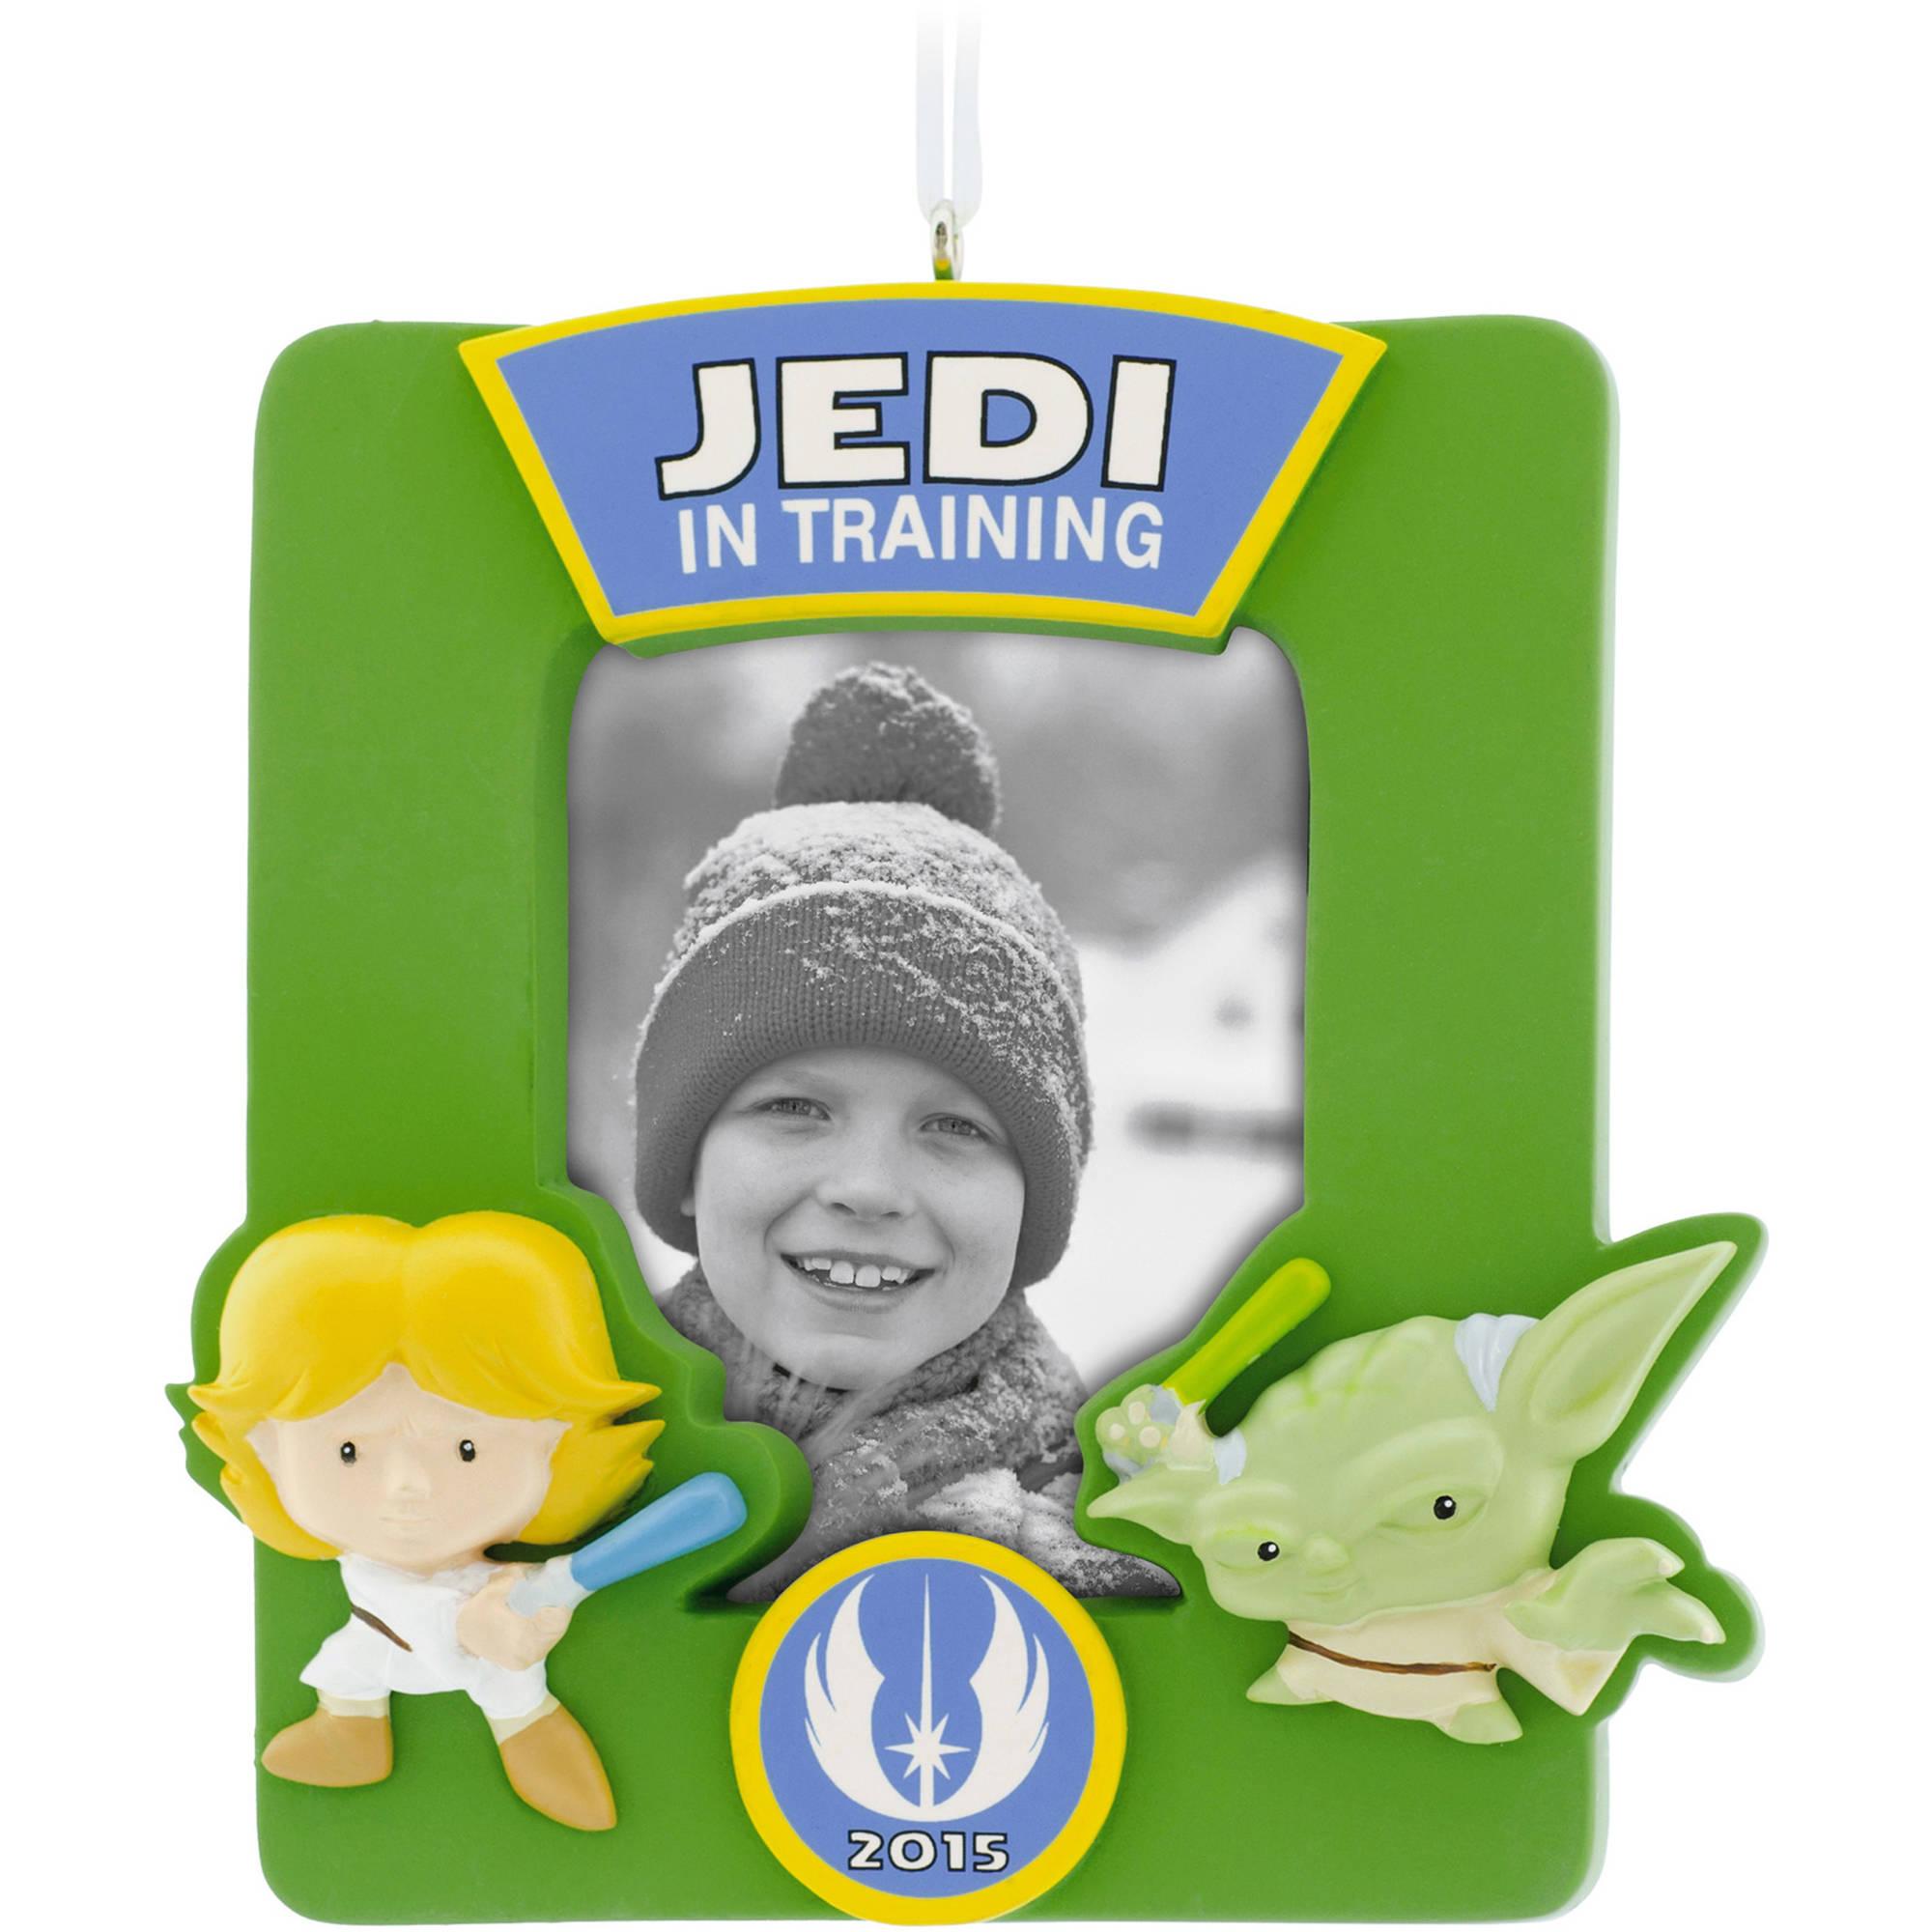 Hallmark Star Wars Jedi Photo Frame Ornament Walmartcom